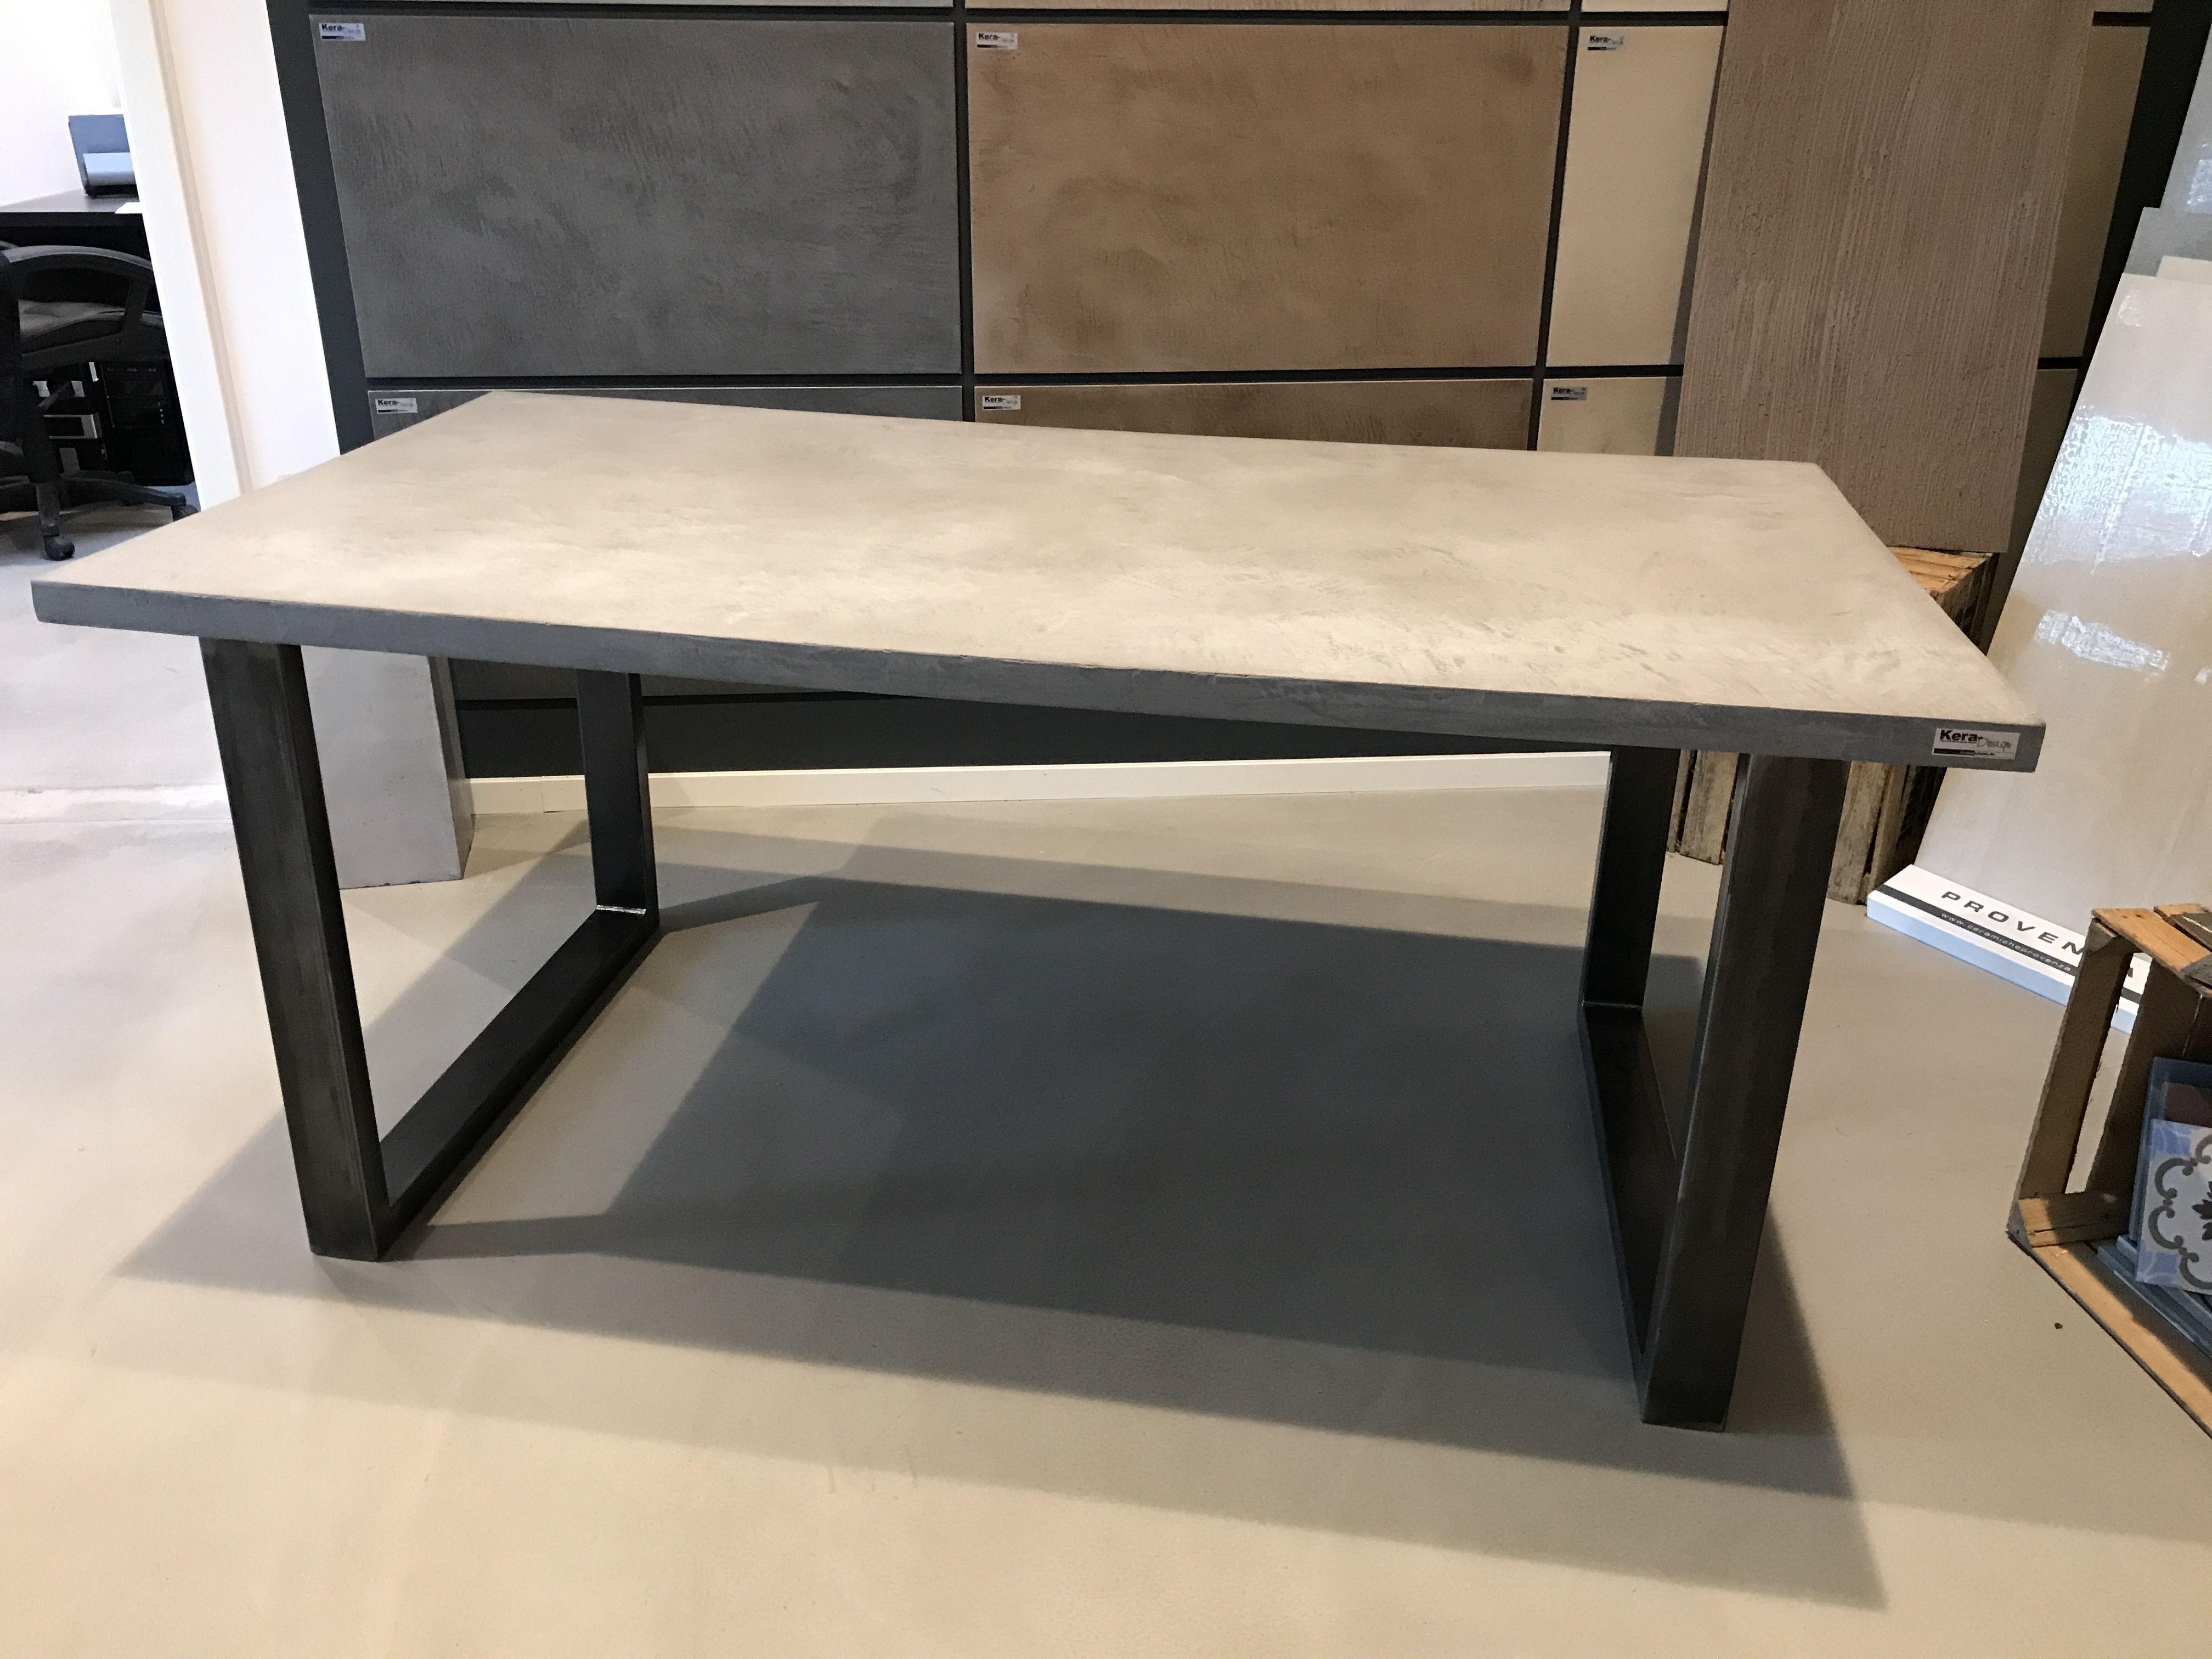 Pin Von Aa Monika Benz Auf Esszimmer Tisch Selber Bauen Stehtisch Selber Bauen Holztisch Selber Bauen